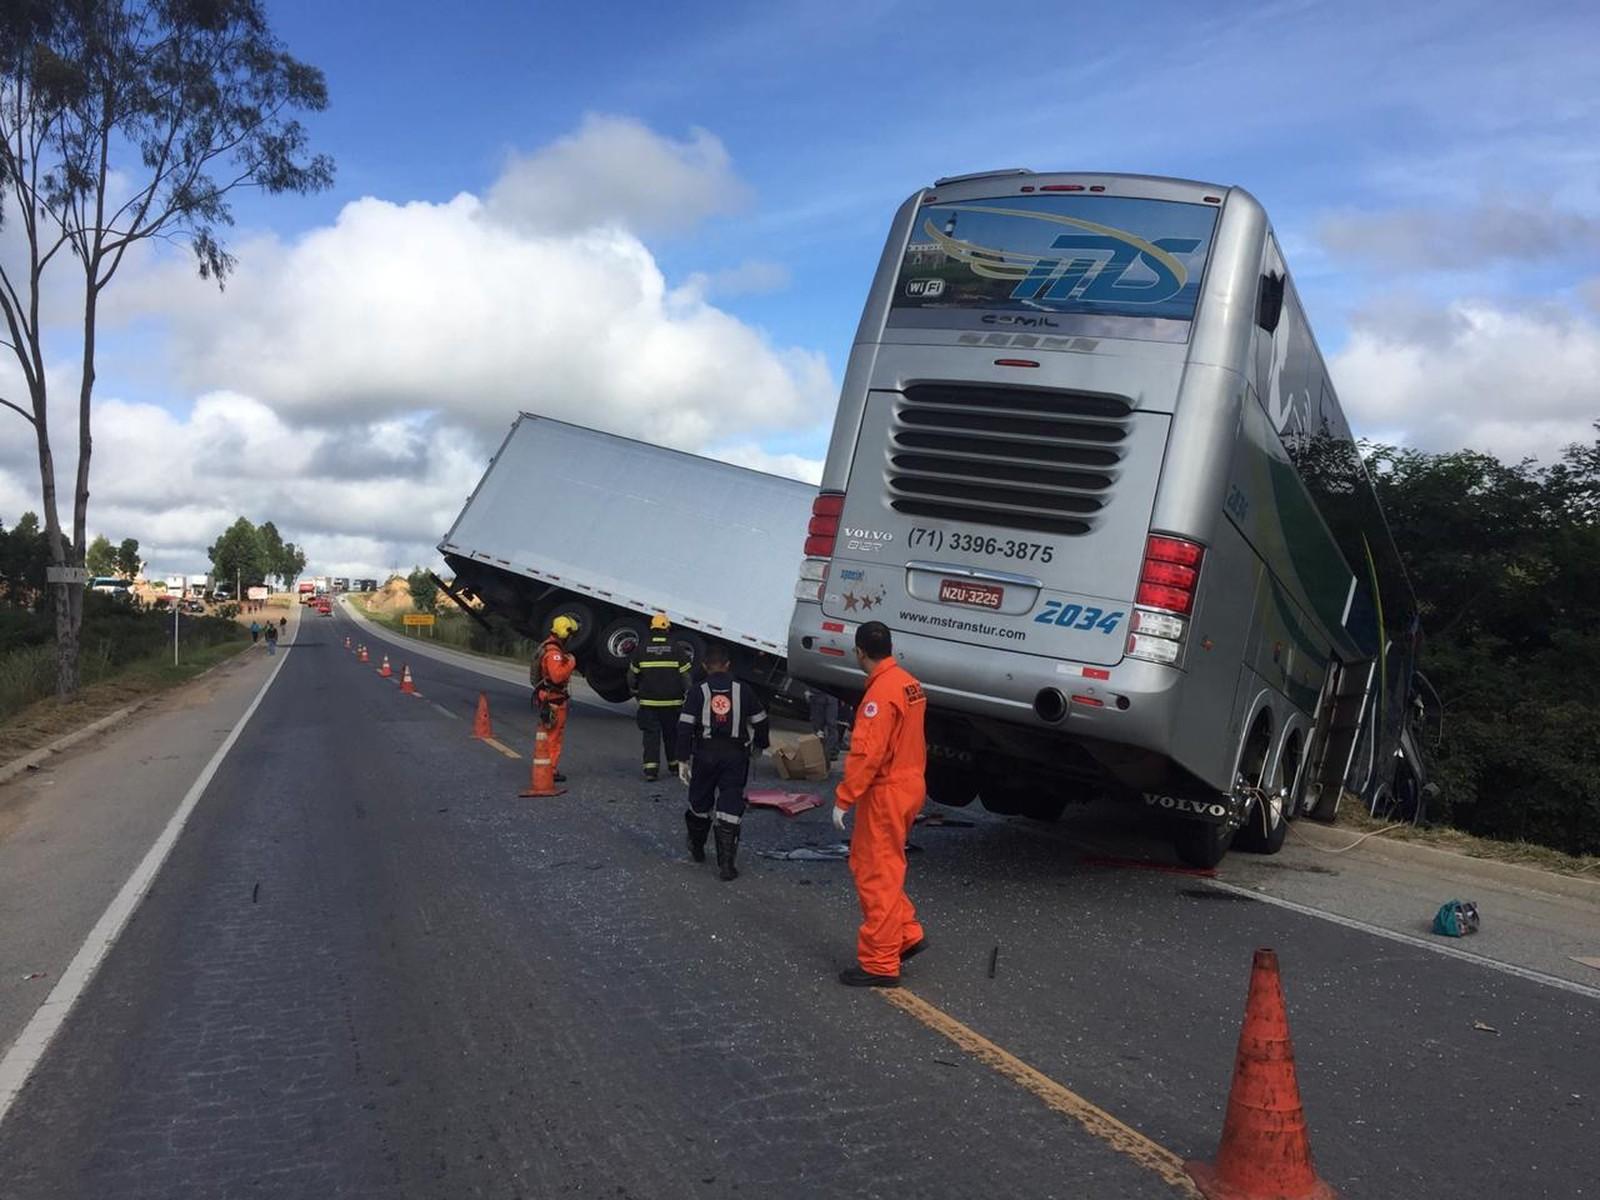 Ônibus com delegação sub-15 do Bahia está envolvido em acidente com ao menos 2 mortos em MG